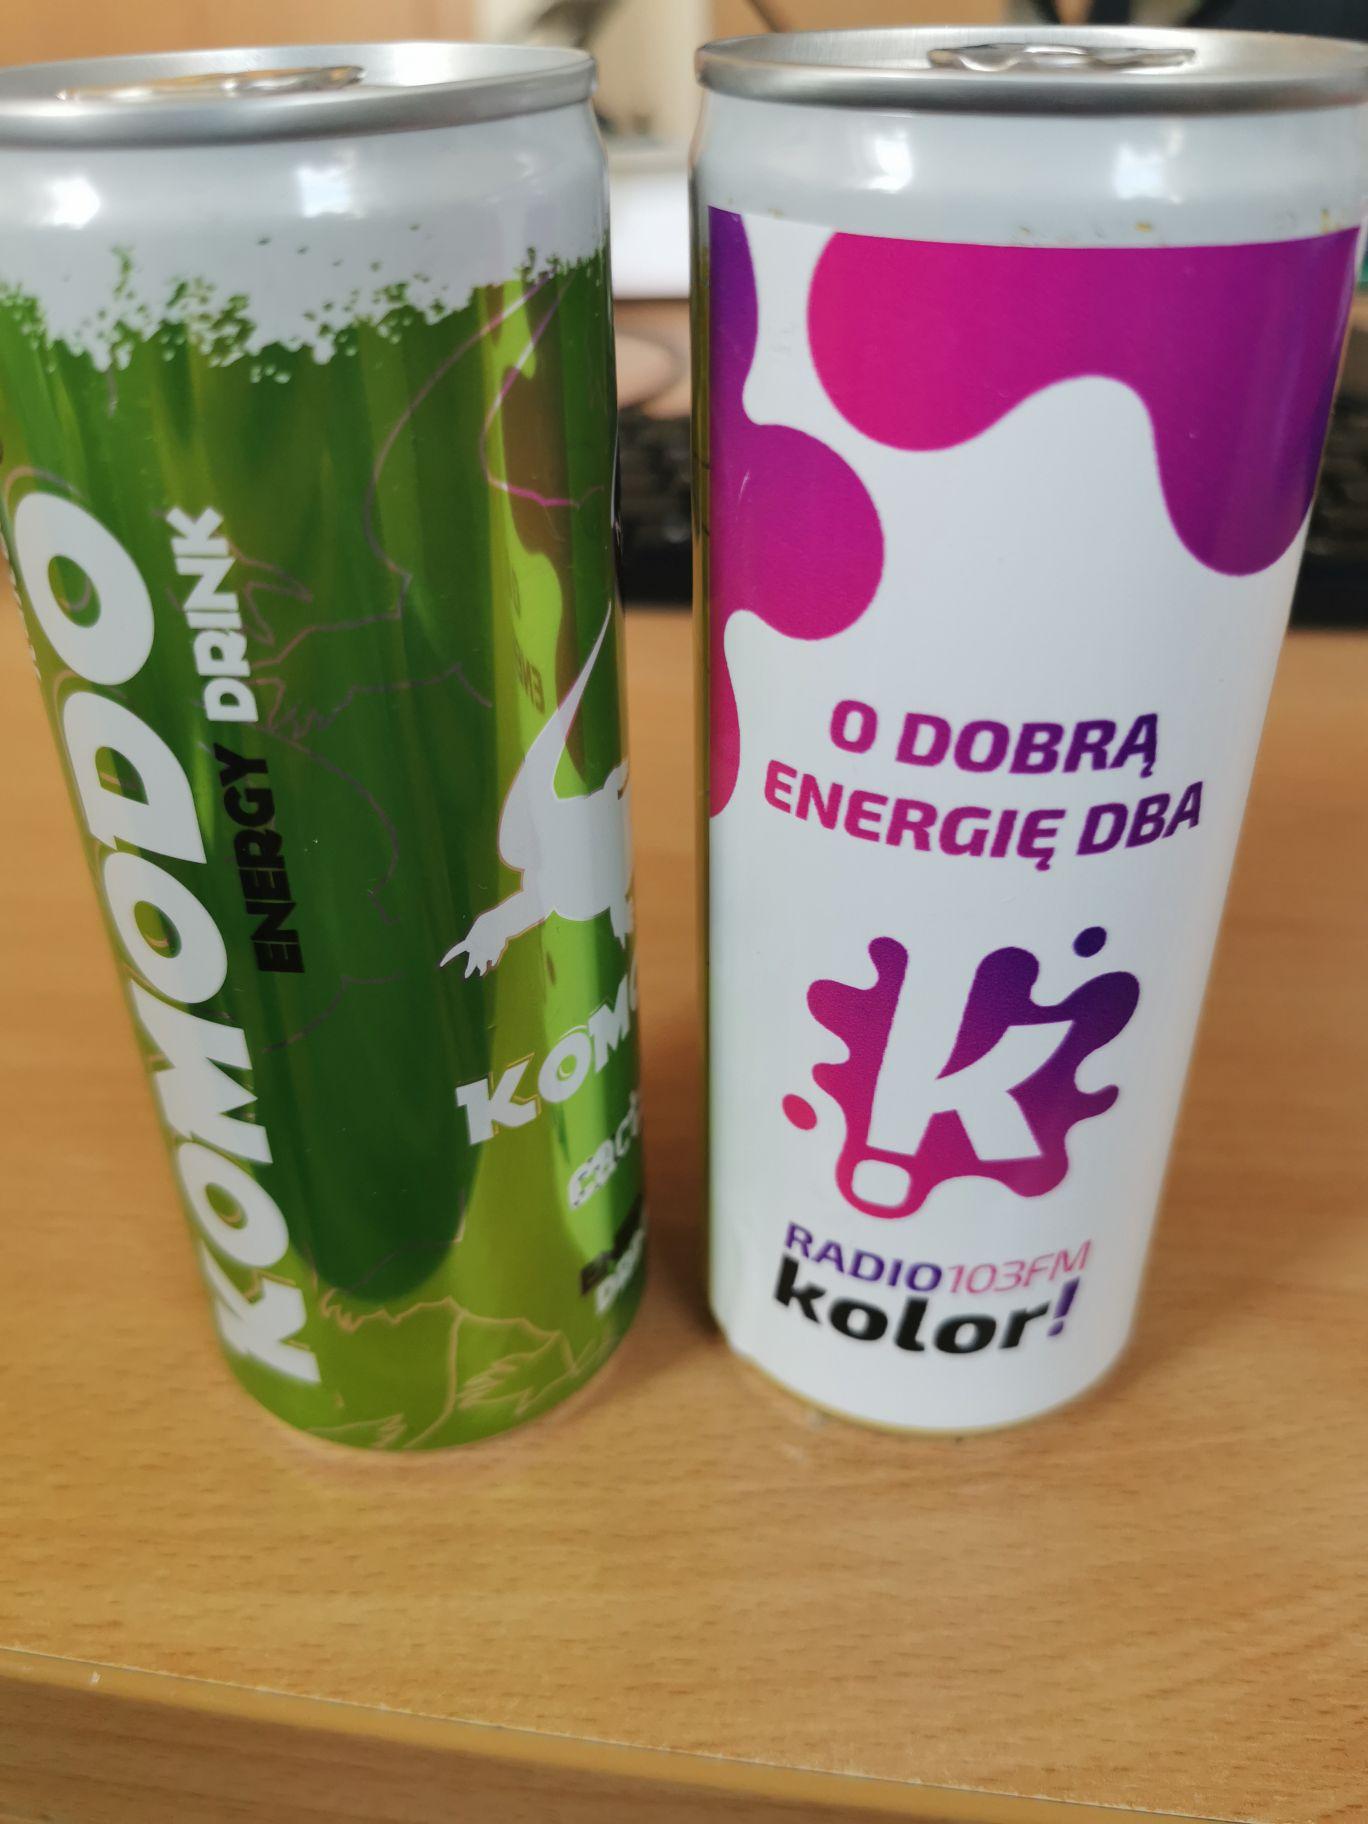 Energy drink Komodo za darmo przy metrze centrum/patelnia Warszawa